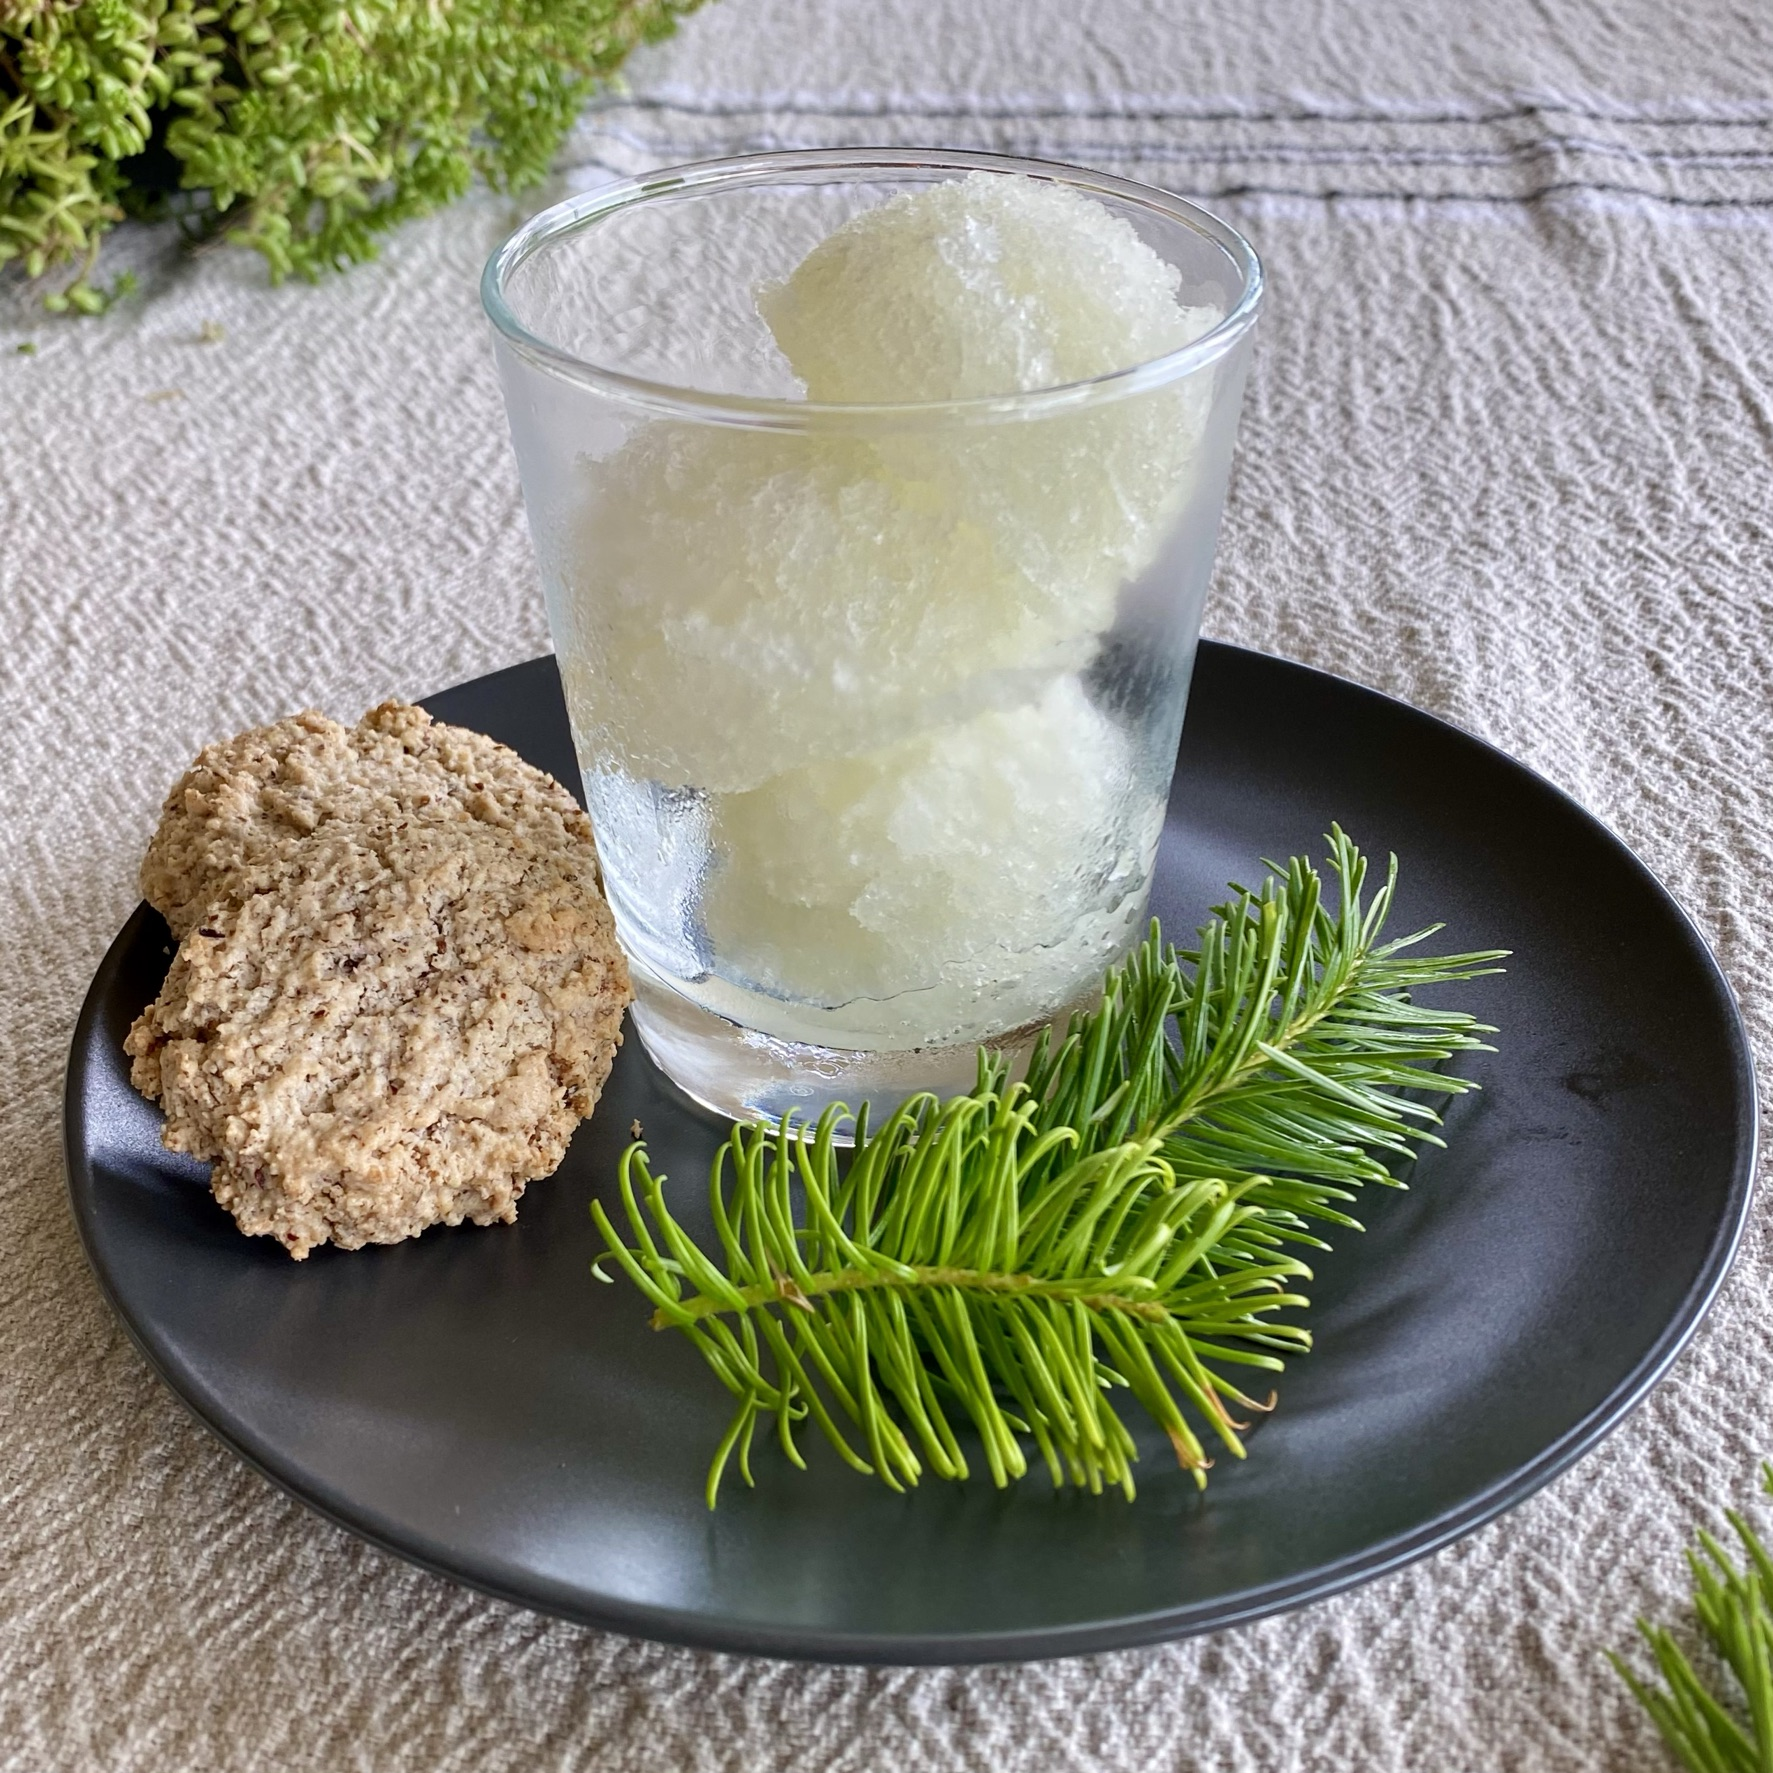 Fir tip sorbet in a glass